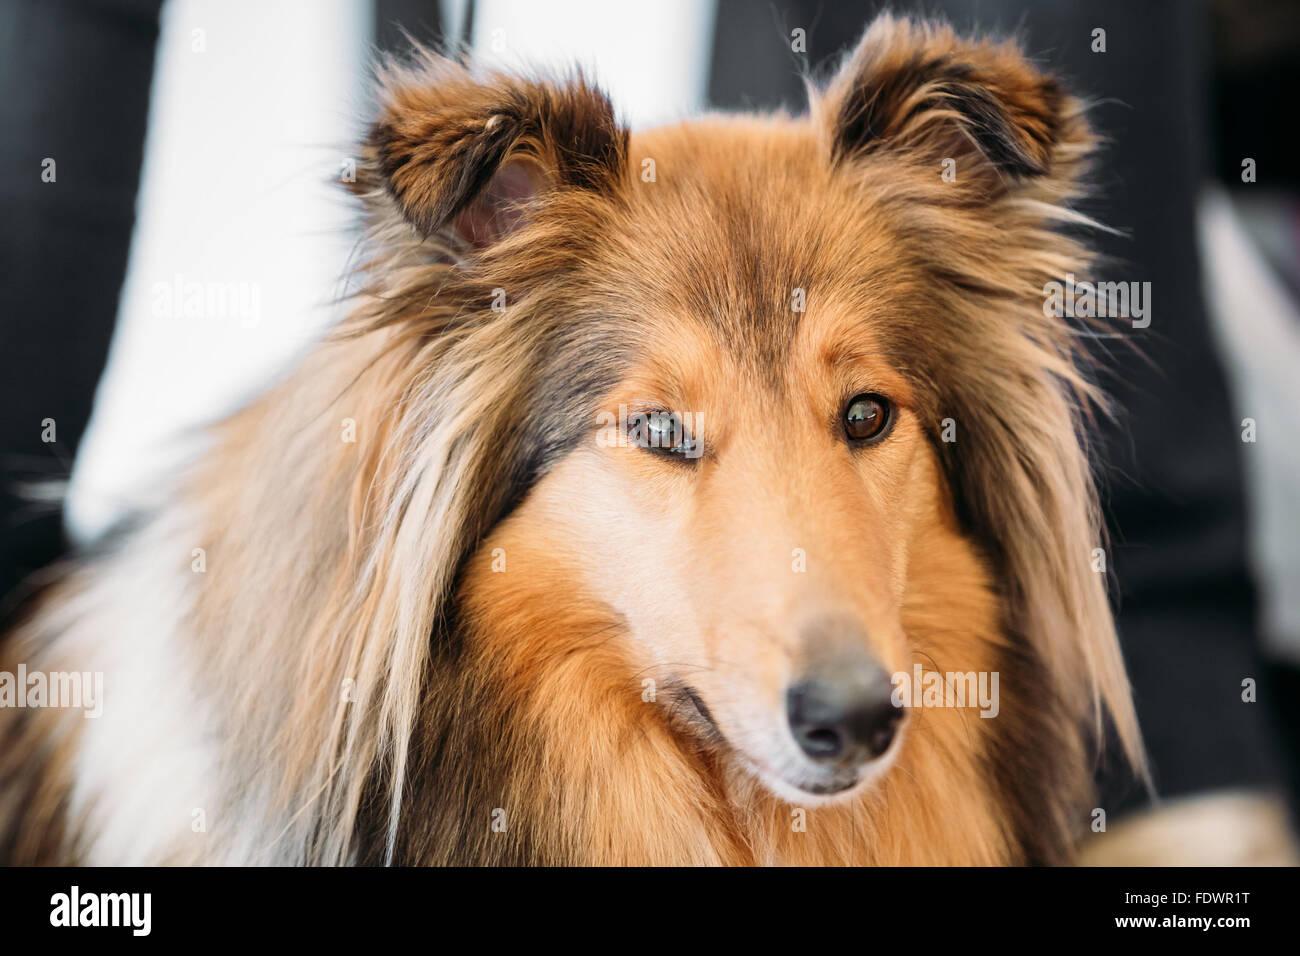 El Ovejero de Shetland, a menudo conocido como el Pastor de Shetland, Collie, es una raza de perro de pastoreo. Ellos son vocales, excitable, enérgicos perros Foto de stock